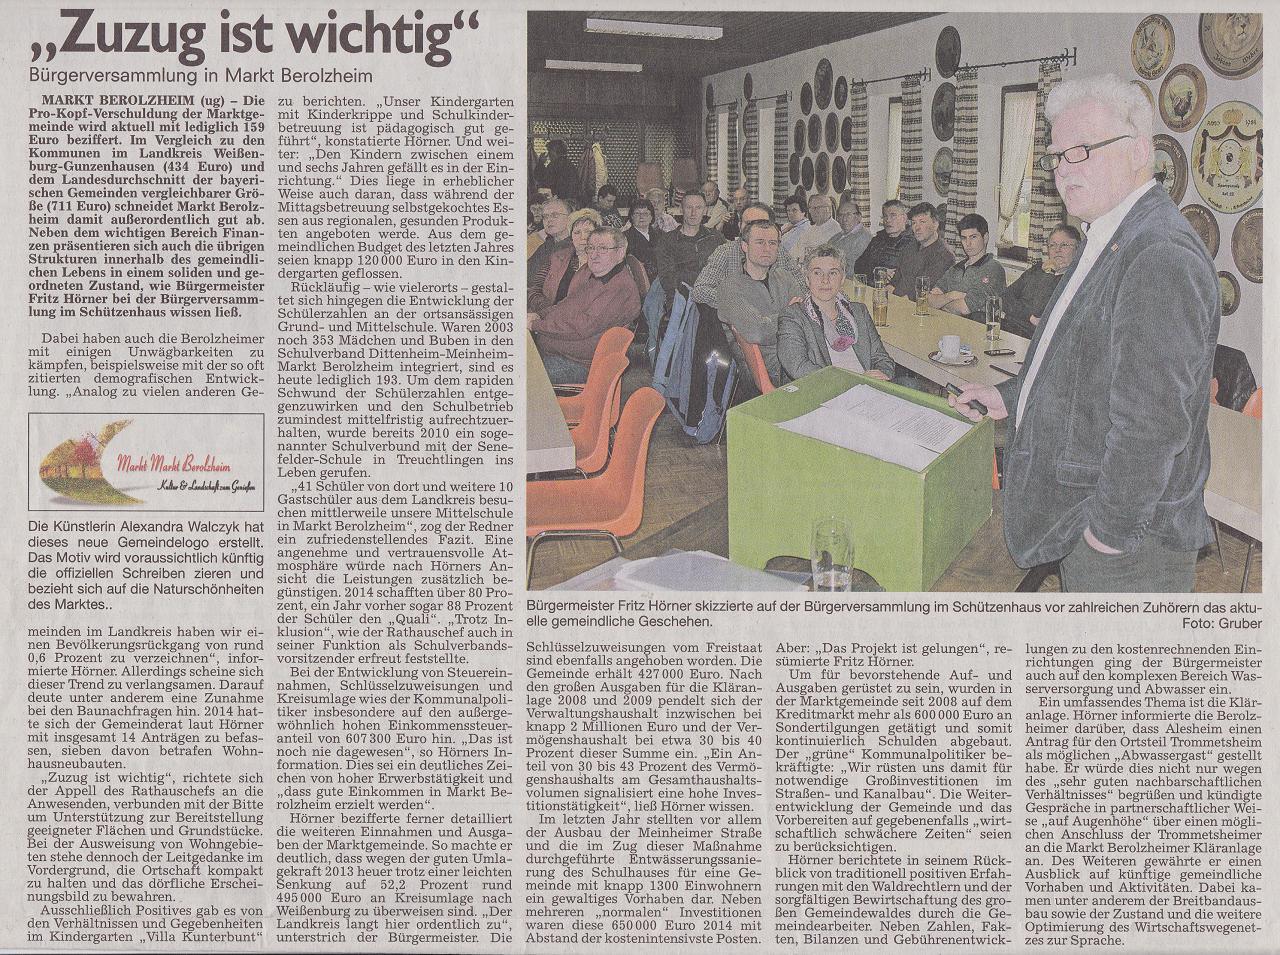 Bericht im Altmühlboten vom 24.03.2015